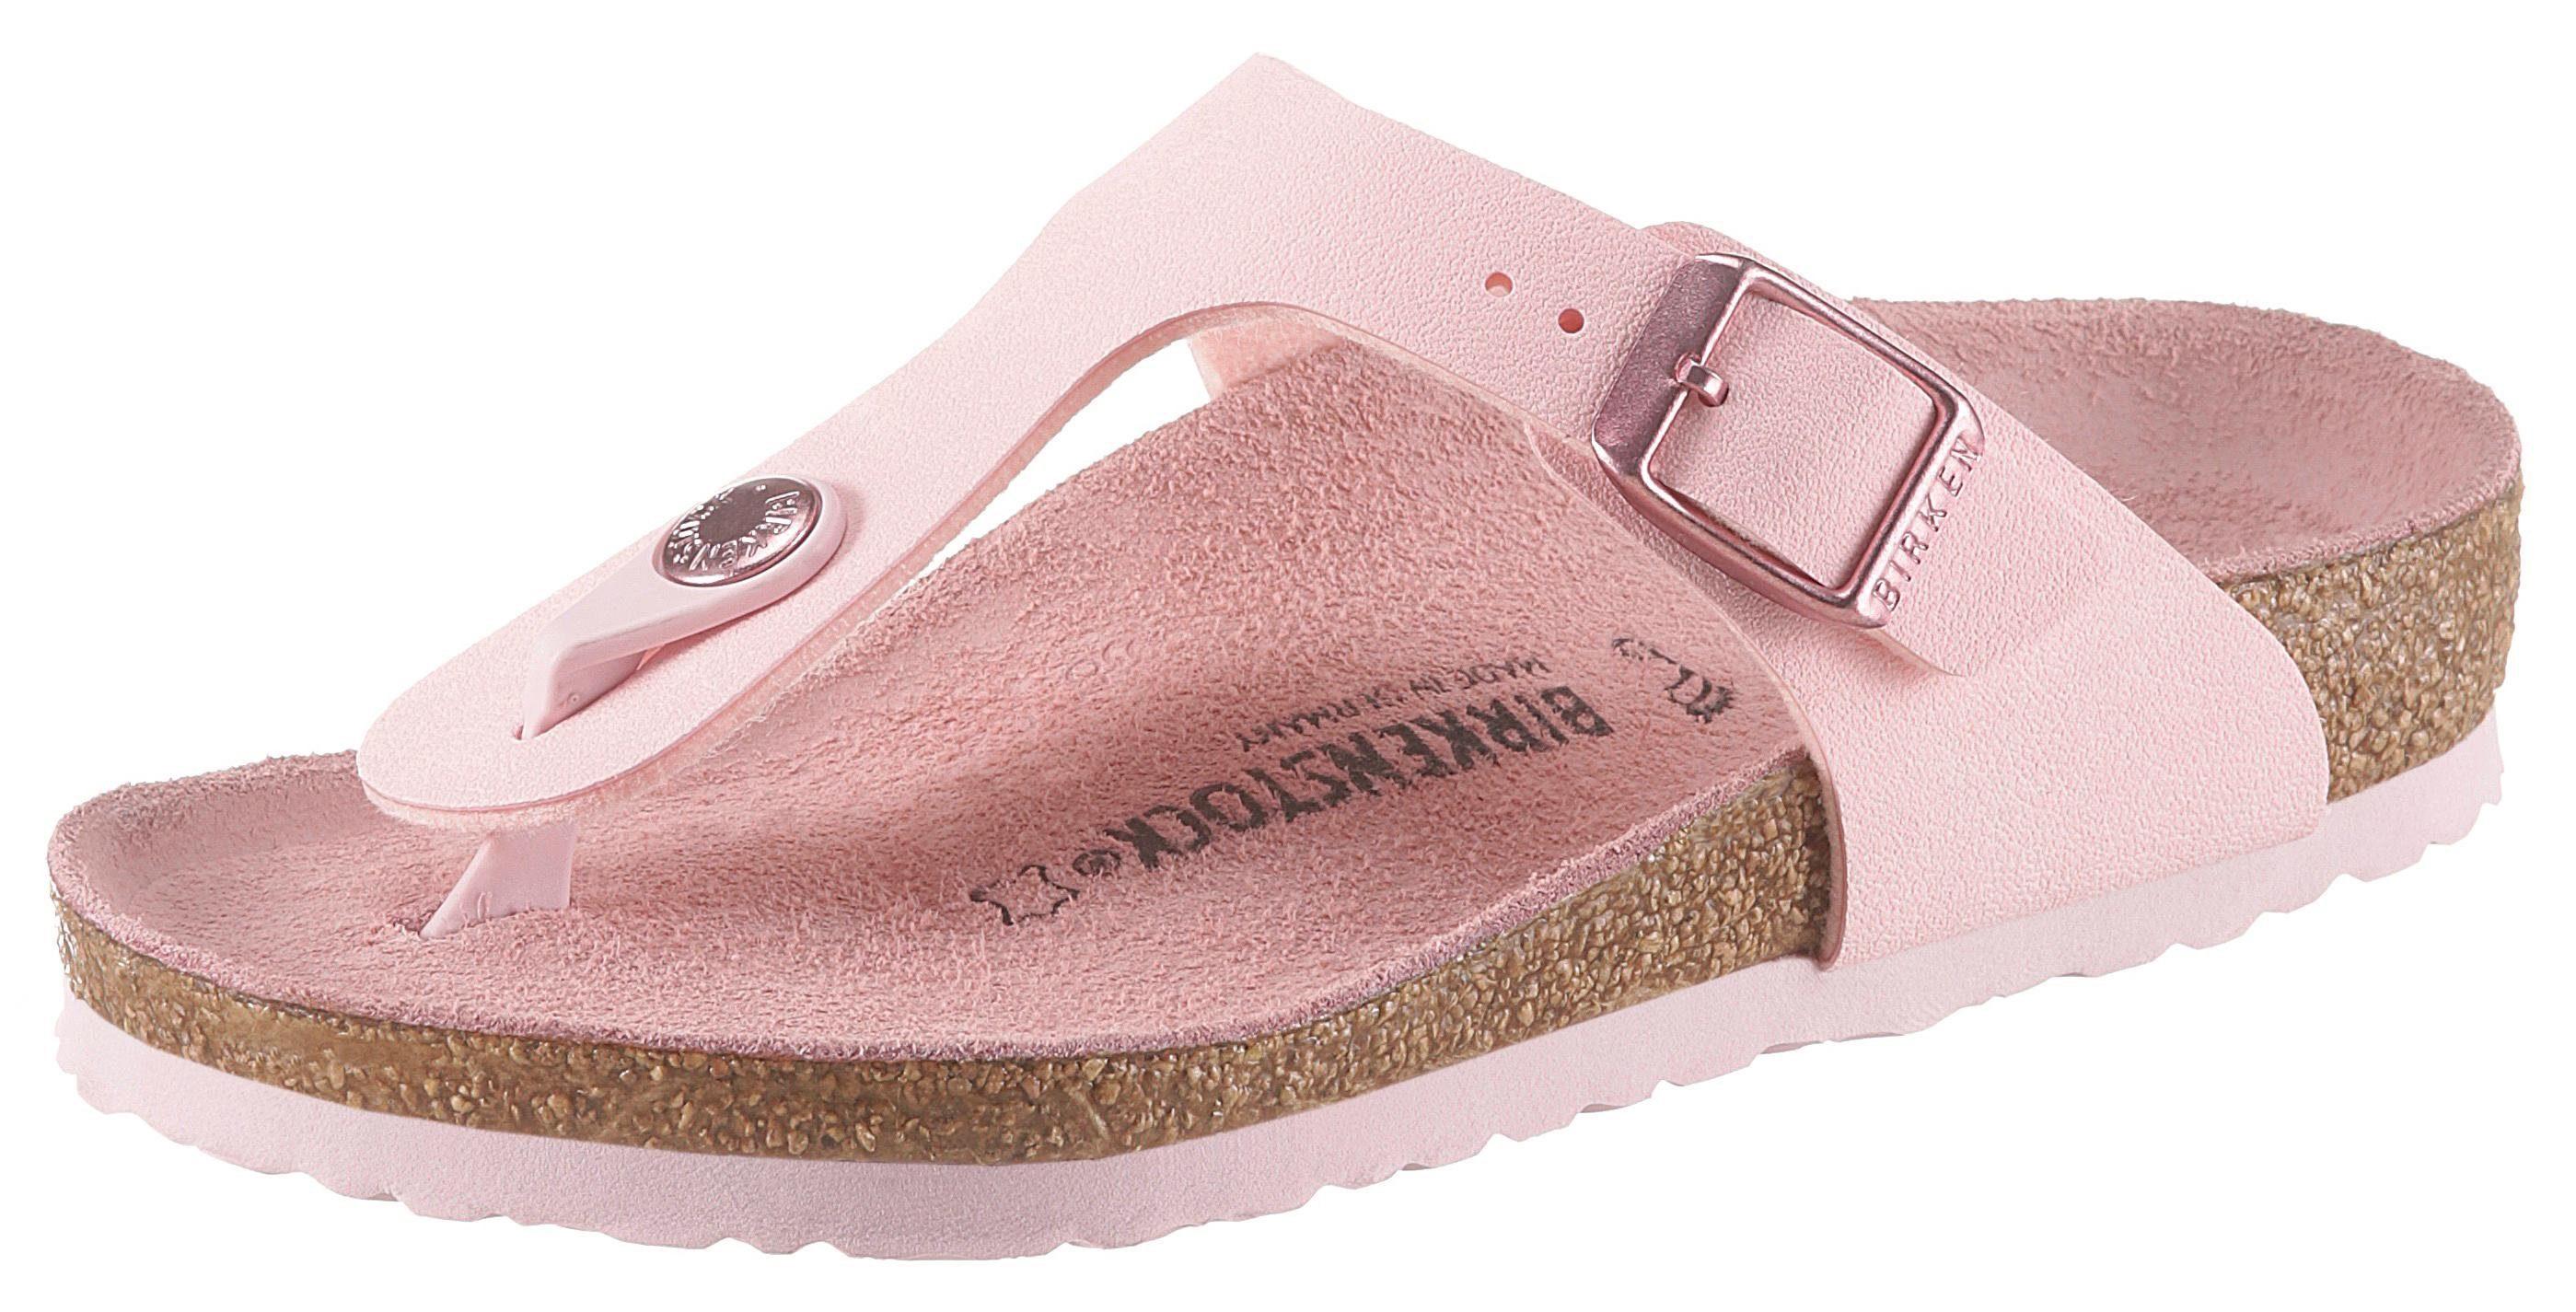 Birkenstock »Gizeh« Zehentrenner mit verstellbarer Schnalle, schmale Schuhweite online kaufen | OTTO